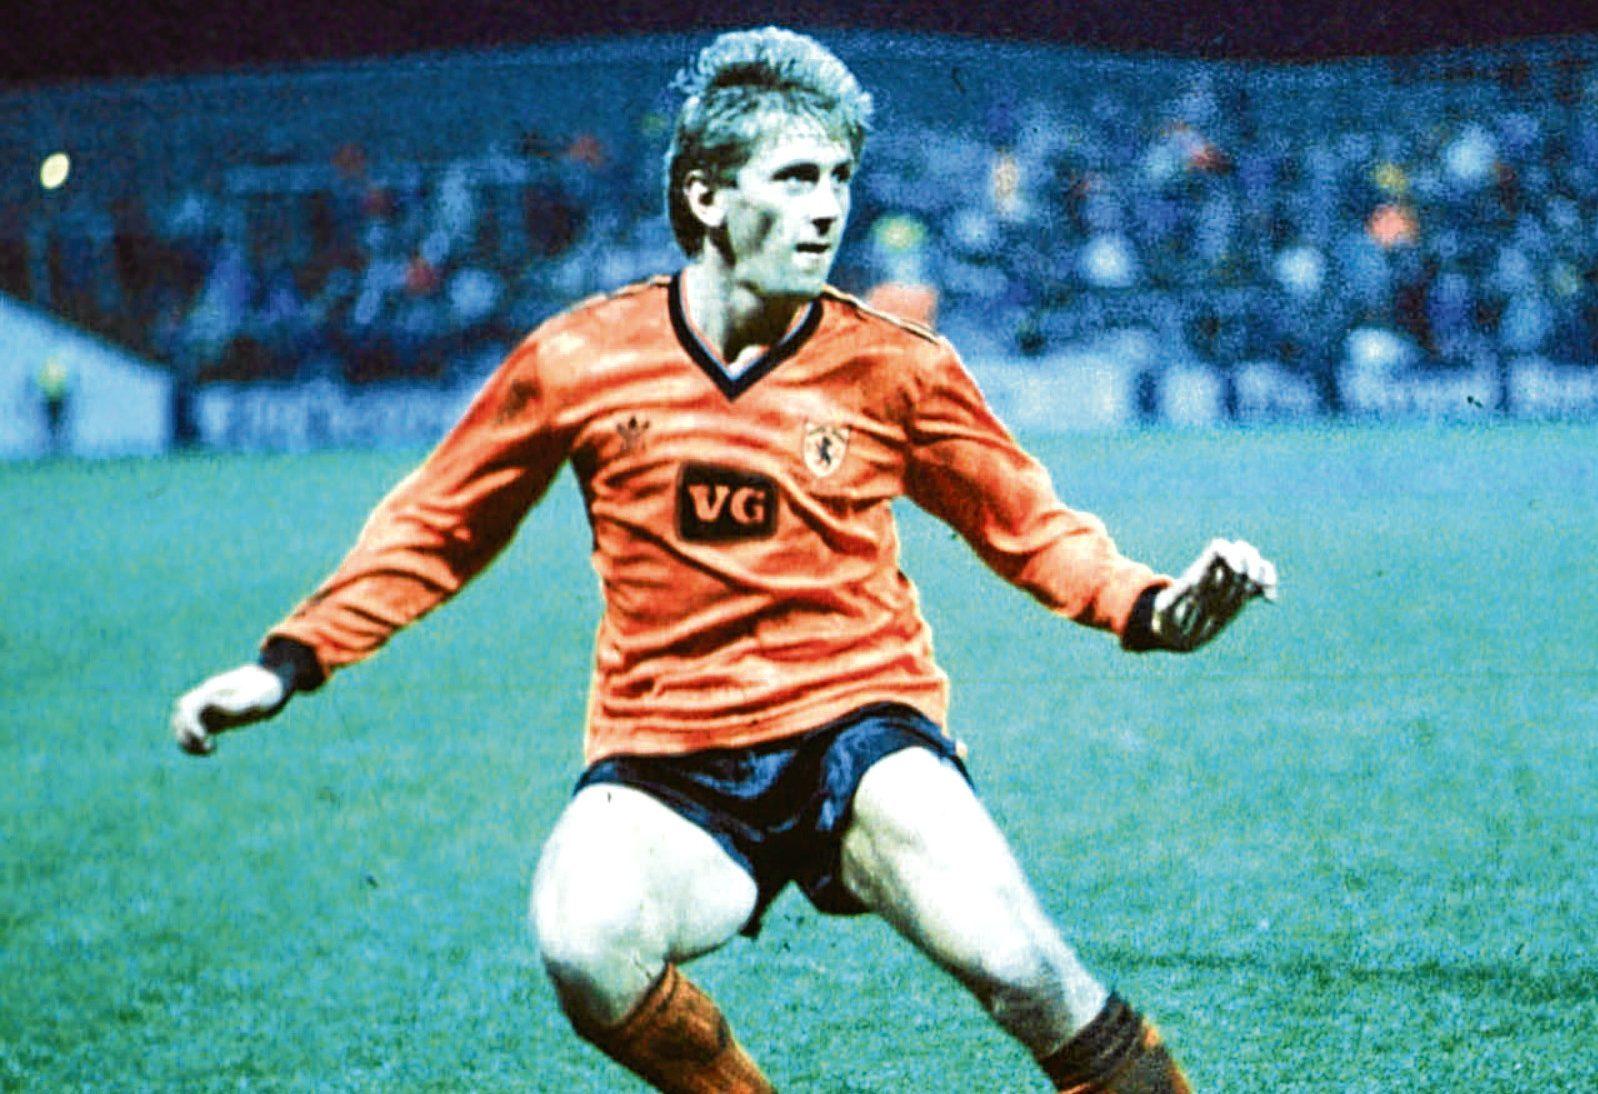 Iain Ferguson in action for Dundee Utd